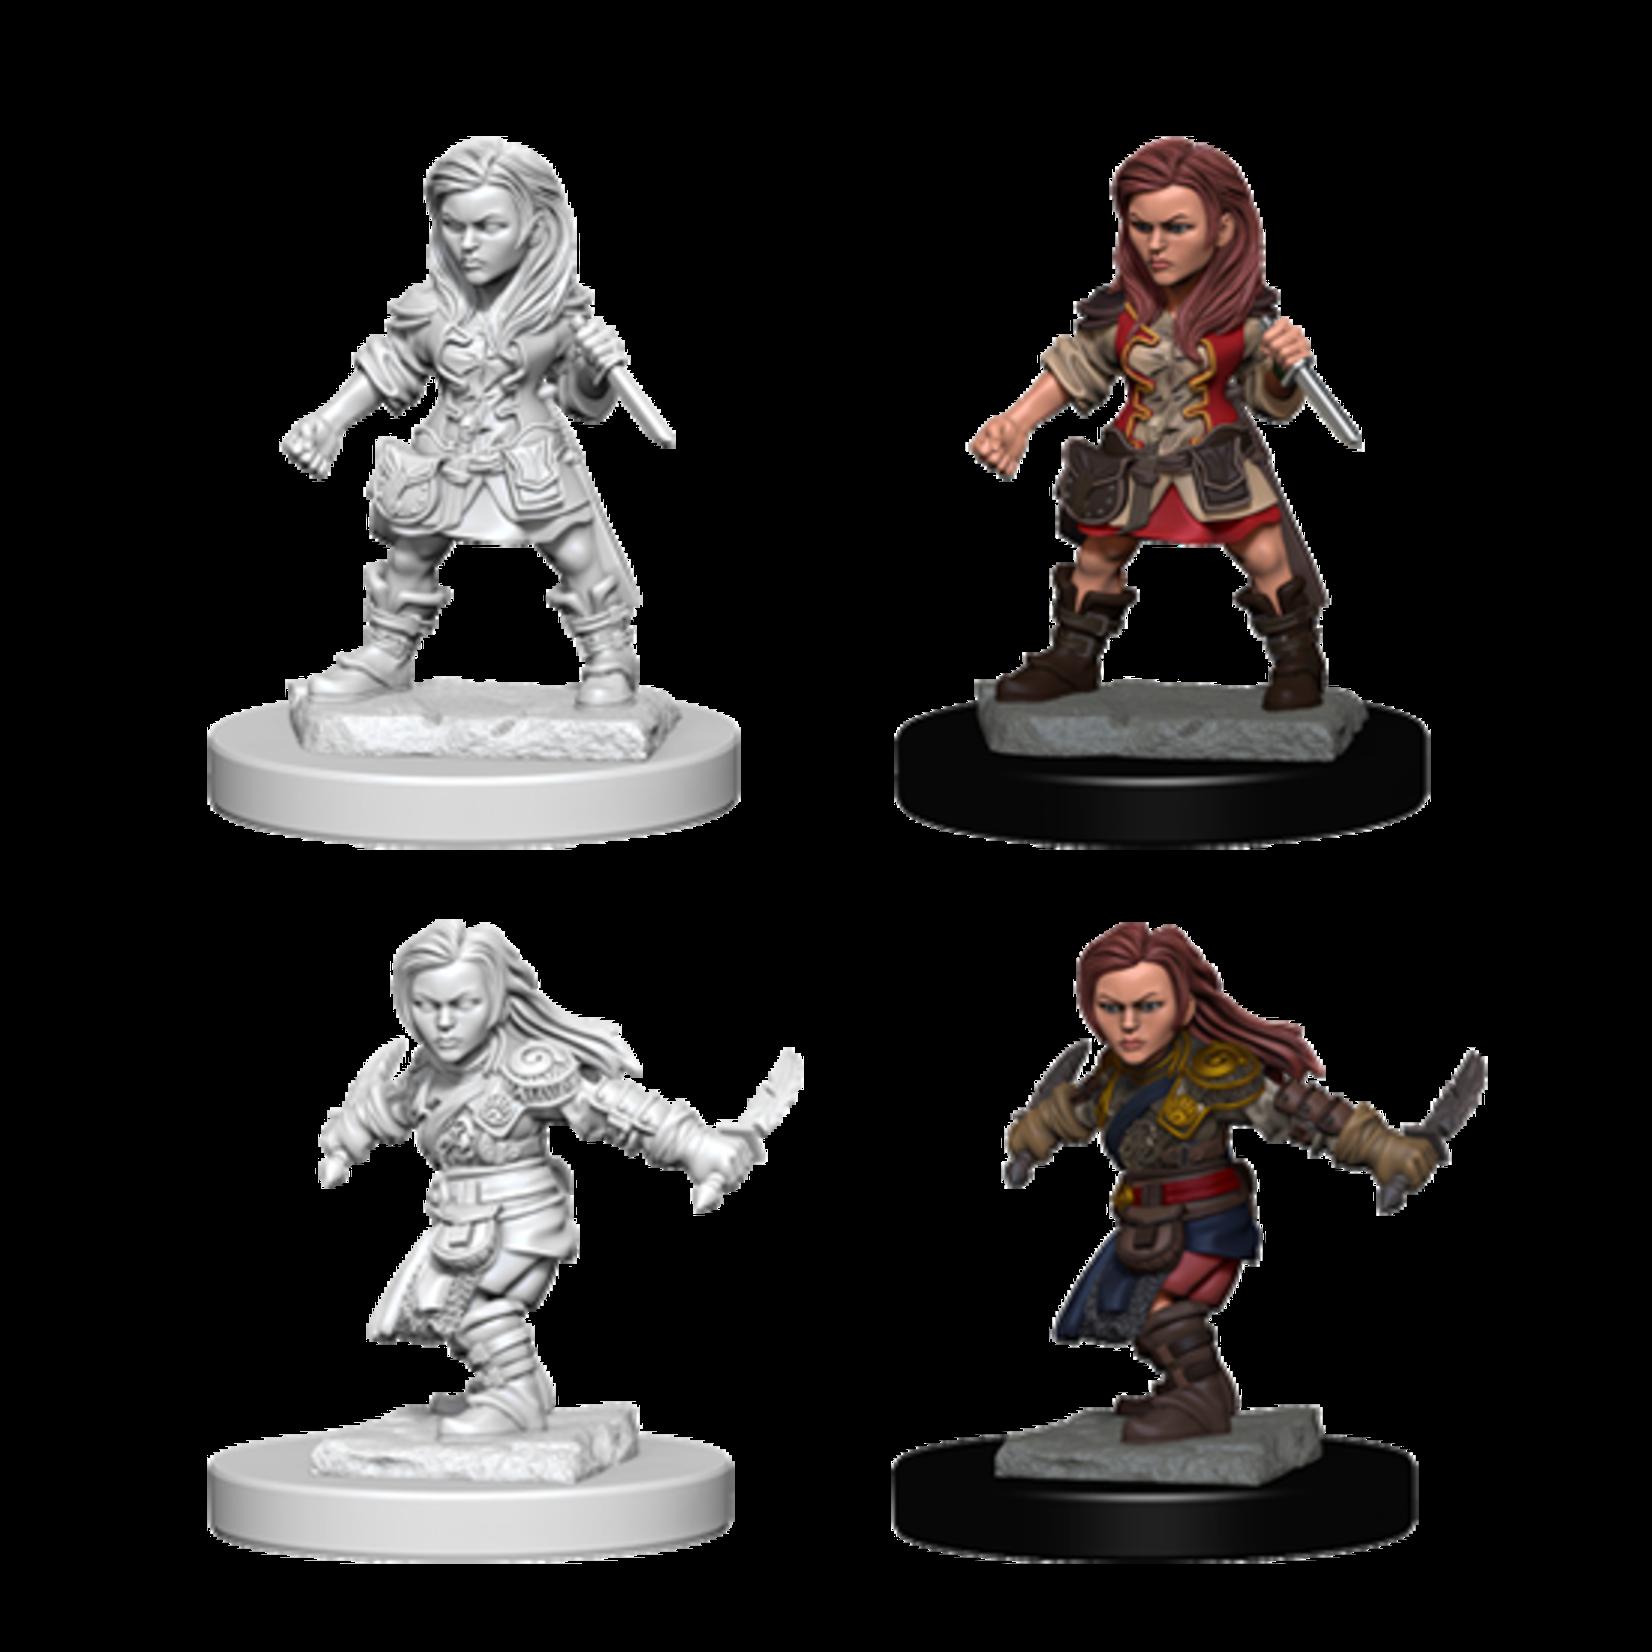 WizKids D&D Nolzur's Marvelous Miniatures: Halfling Female Rogue (W1)